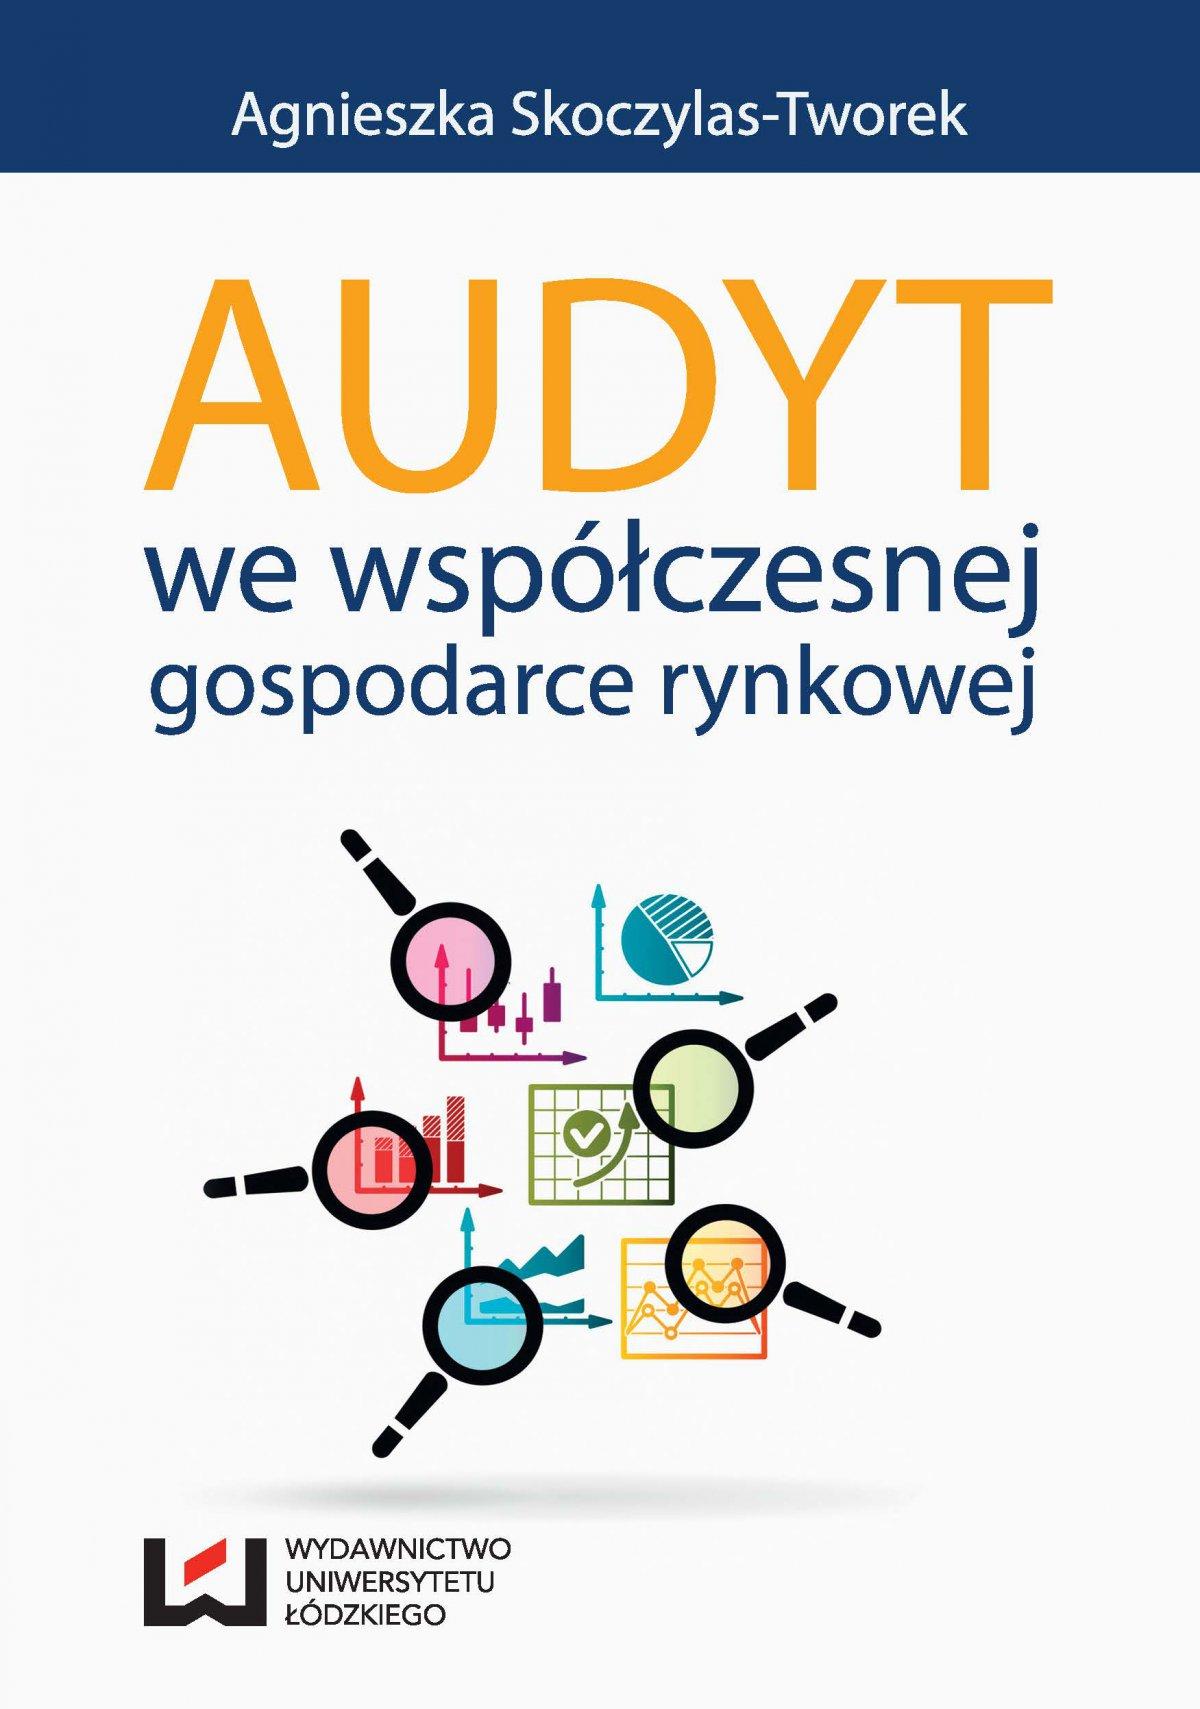 Audyt we współczesnej gospodarce rynkowej - Ebook (Książka EPUB) do pobrania w formacie EPUB